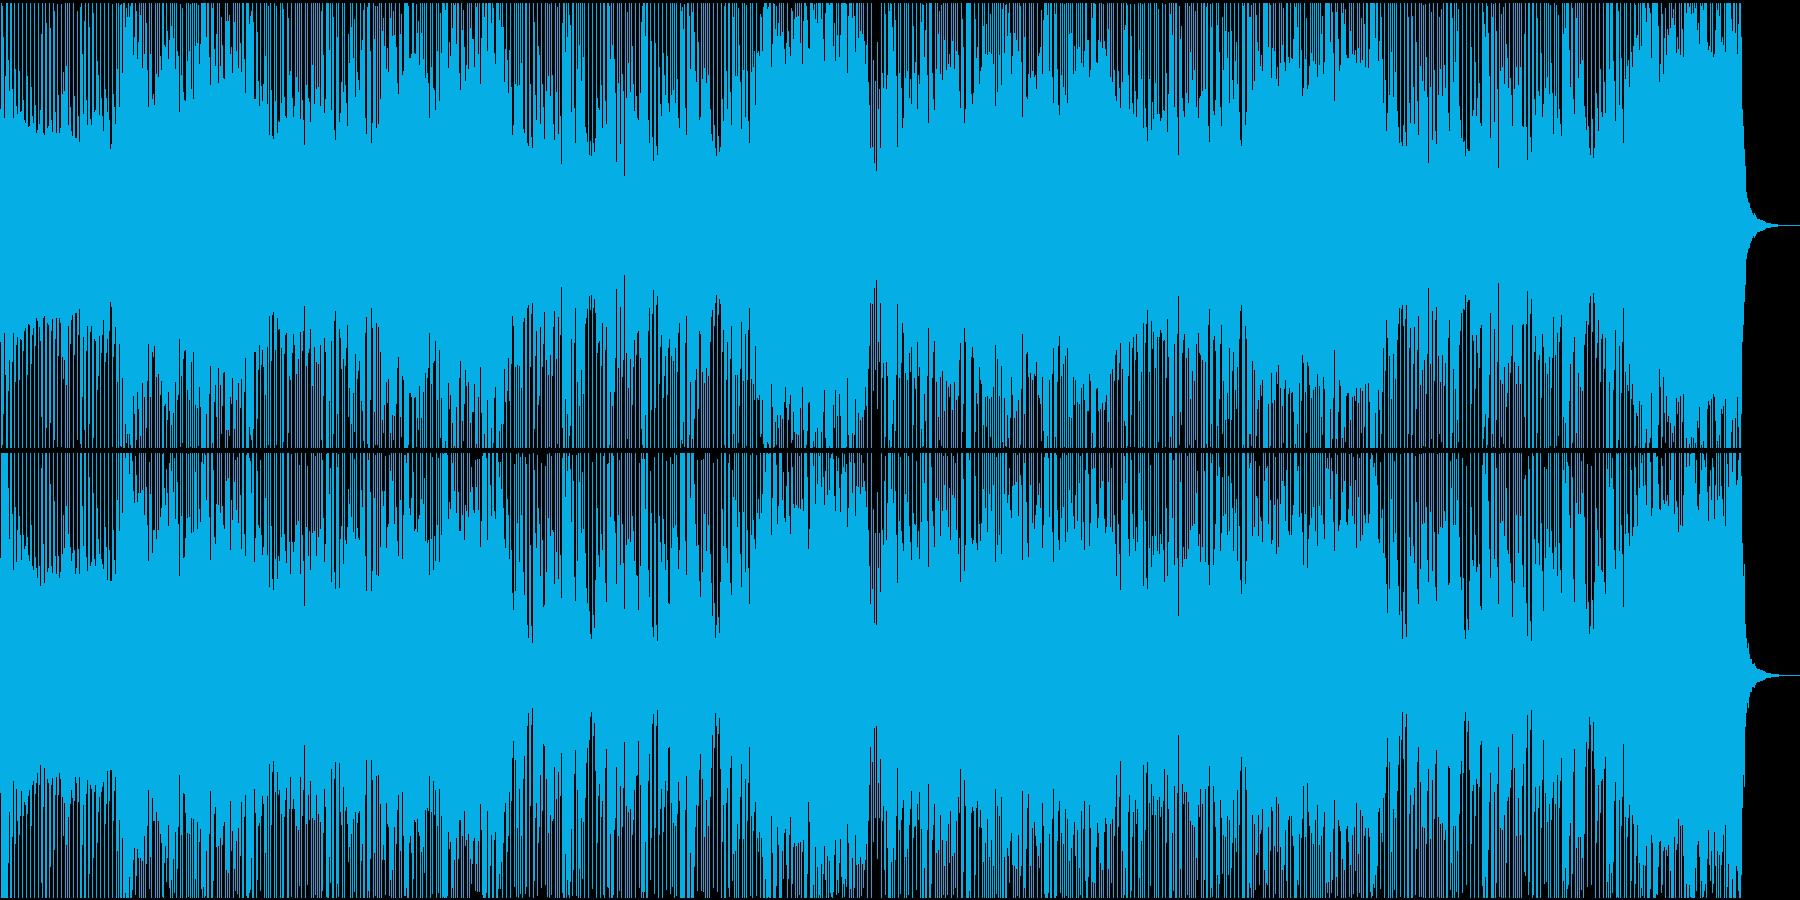 ロック/激しい/重い/シンセ/ピアノ抜きの再生済みの波形